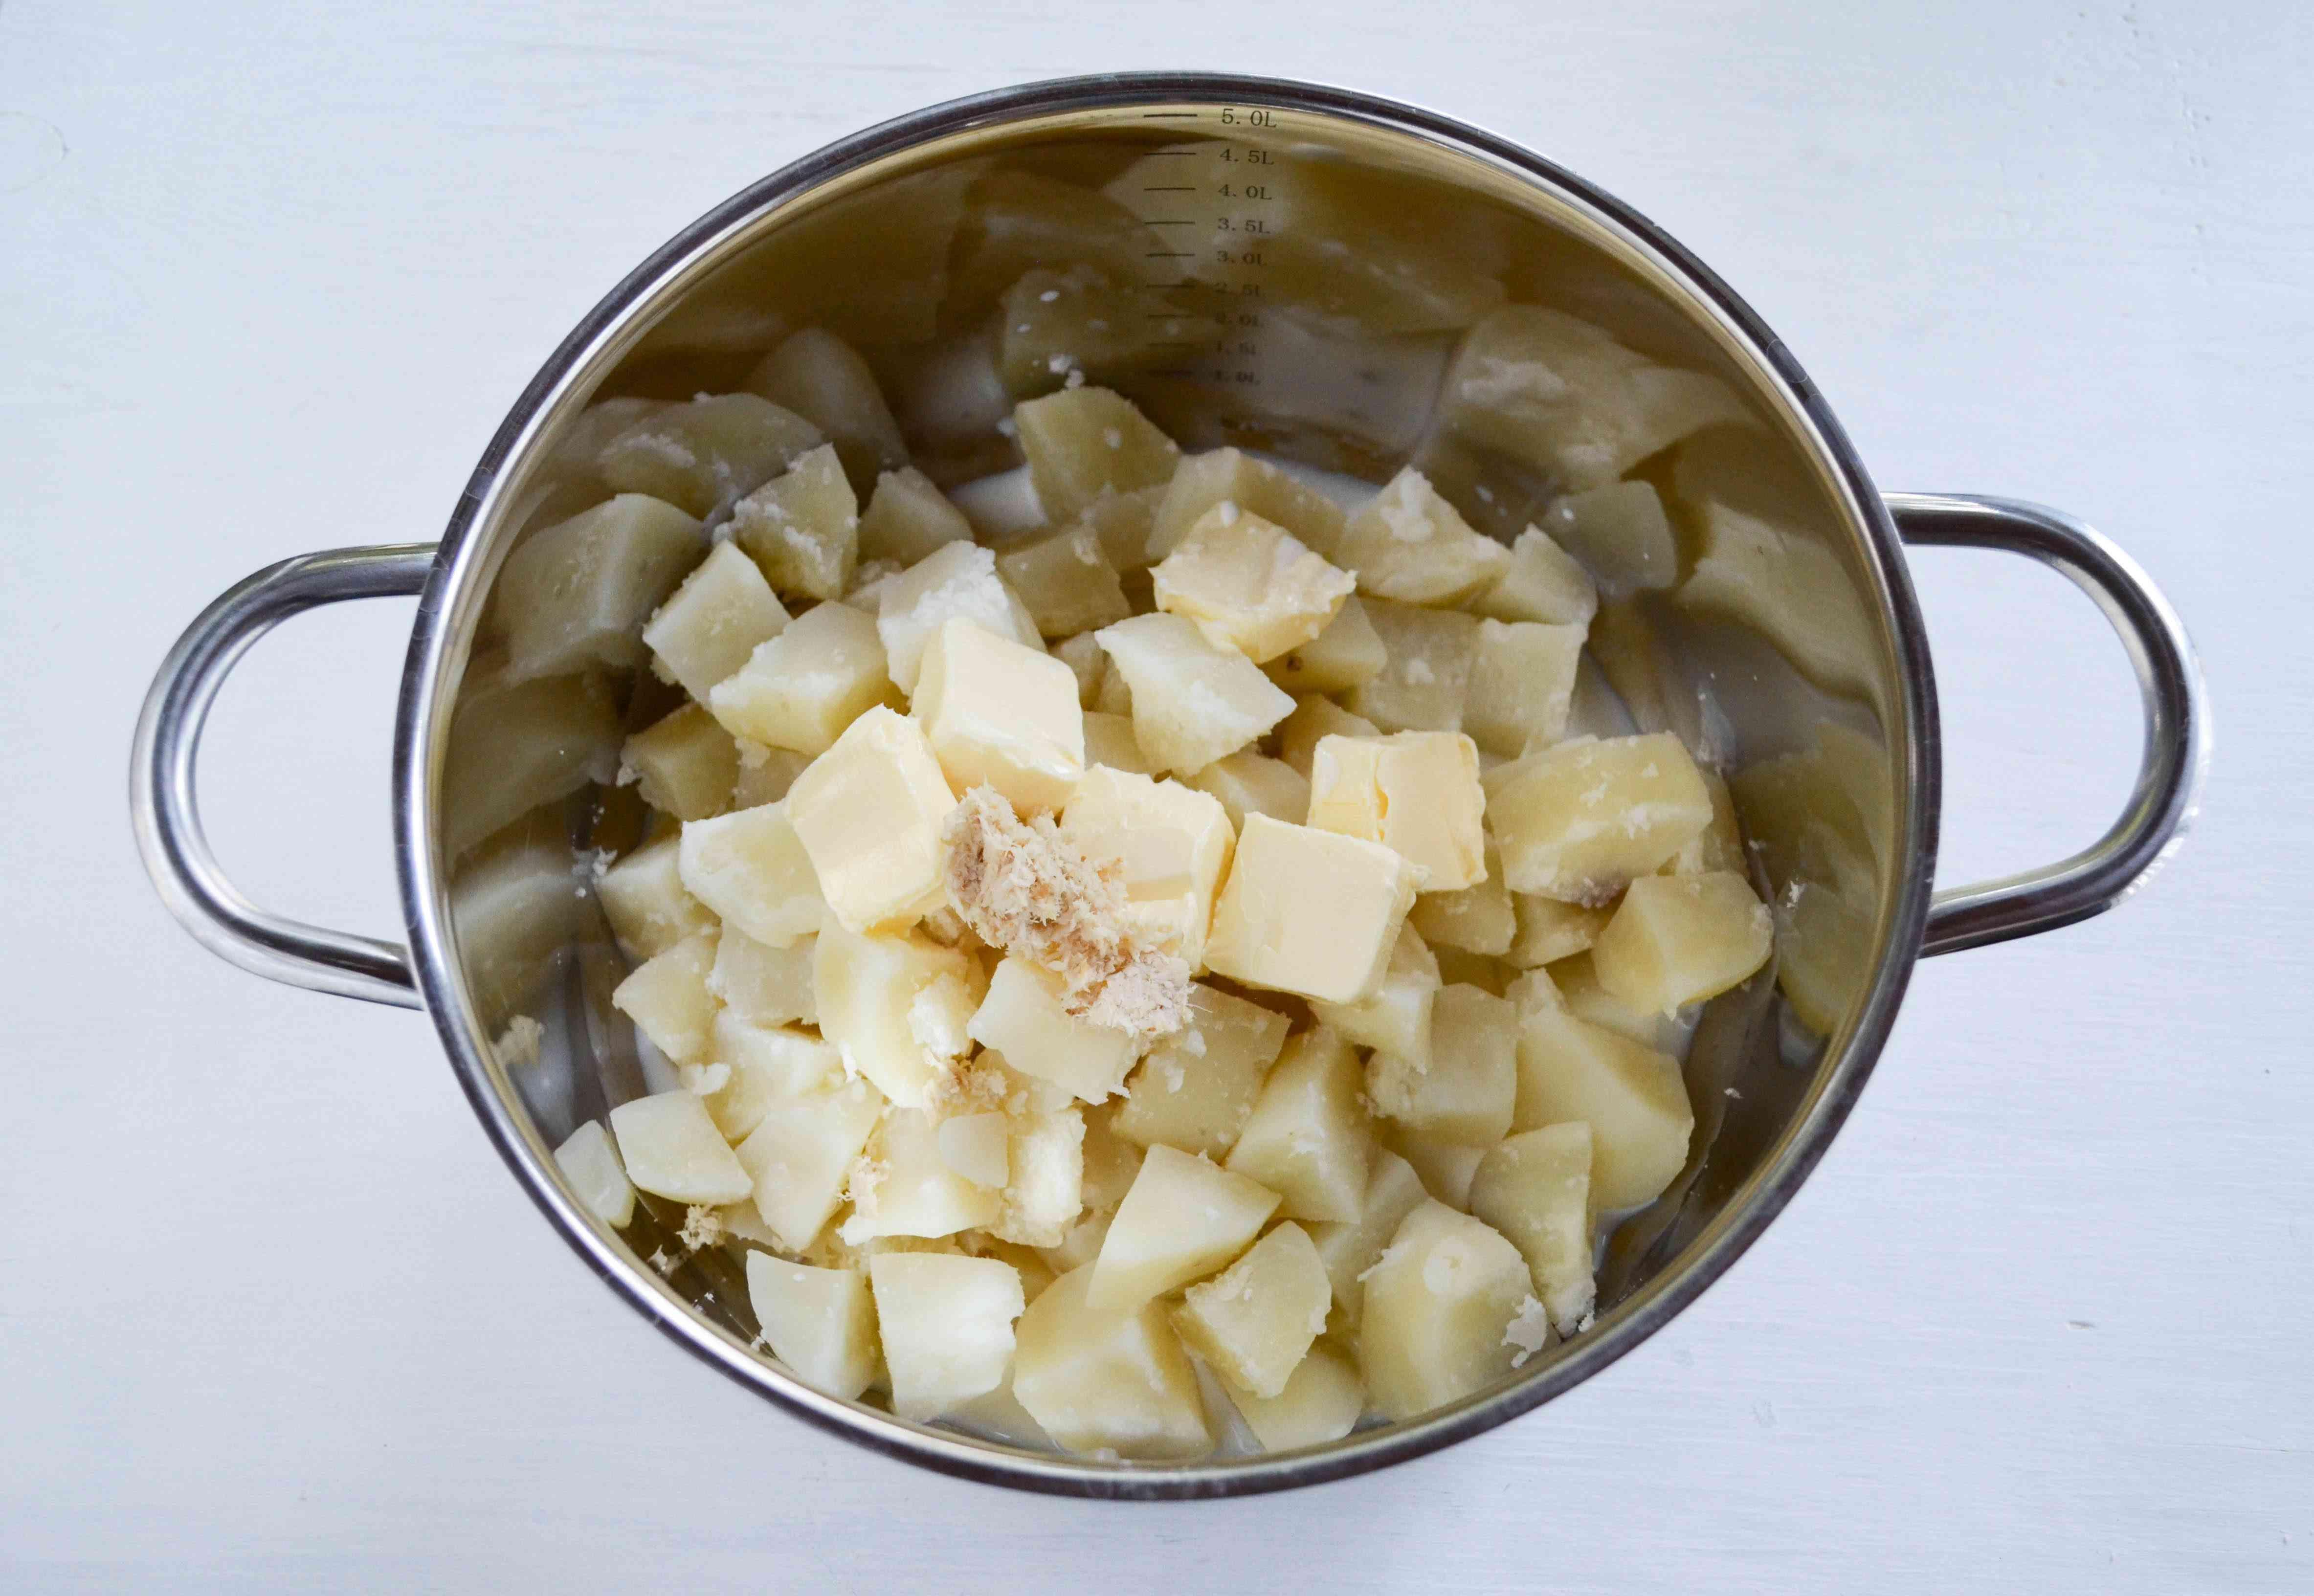 Add the butter, milk, yogurt, and horseradish